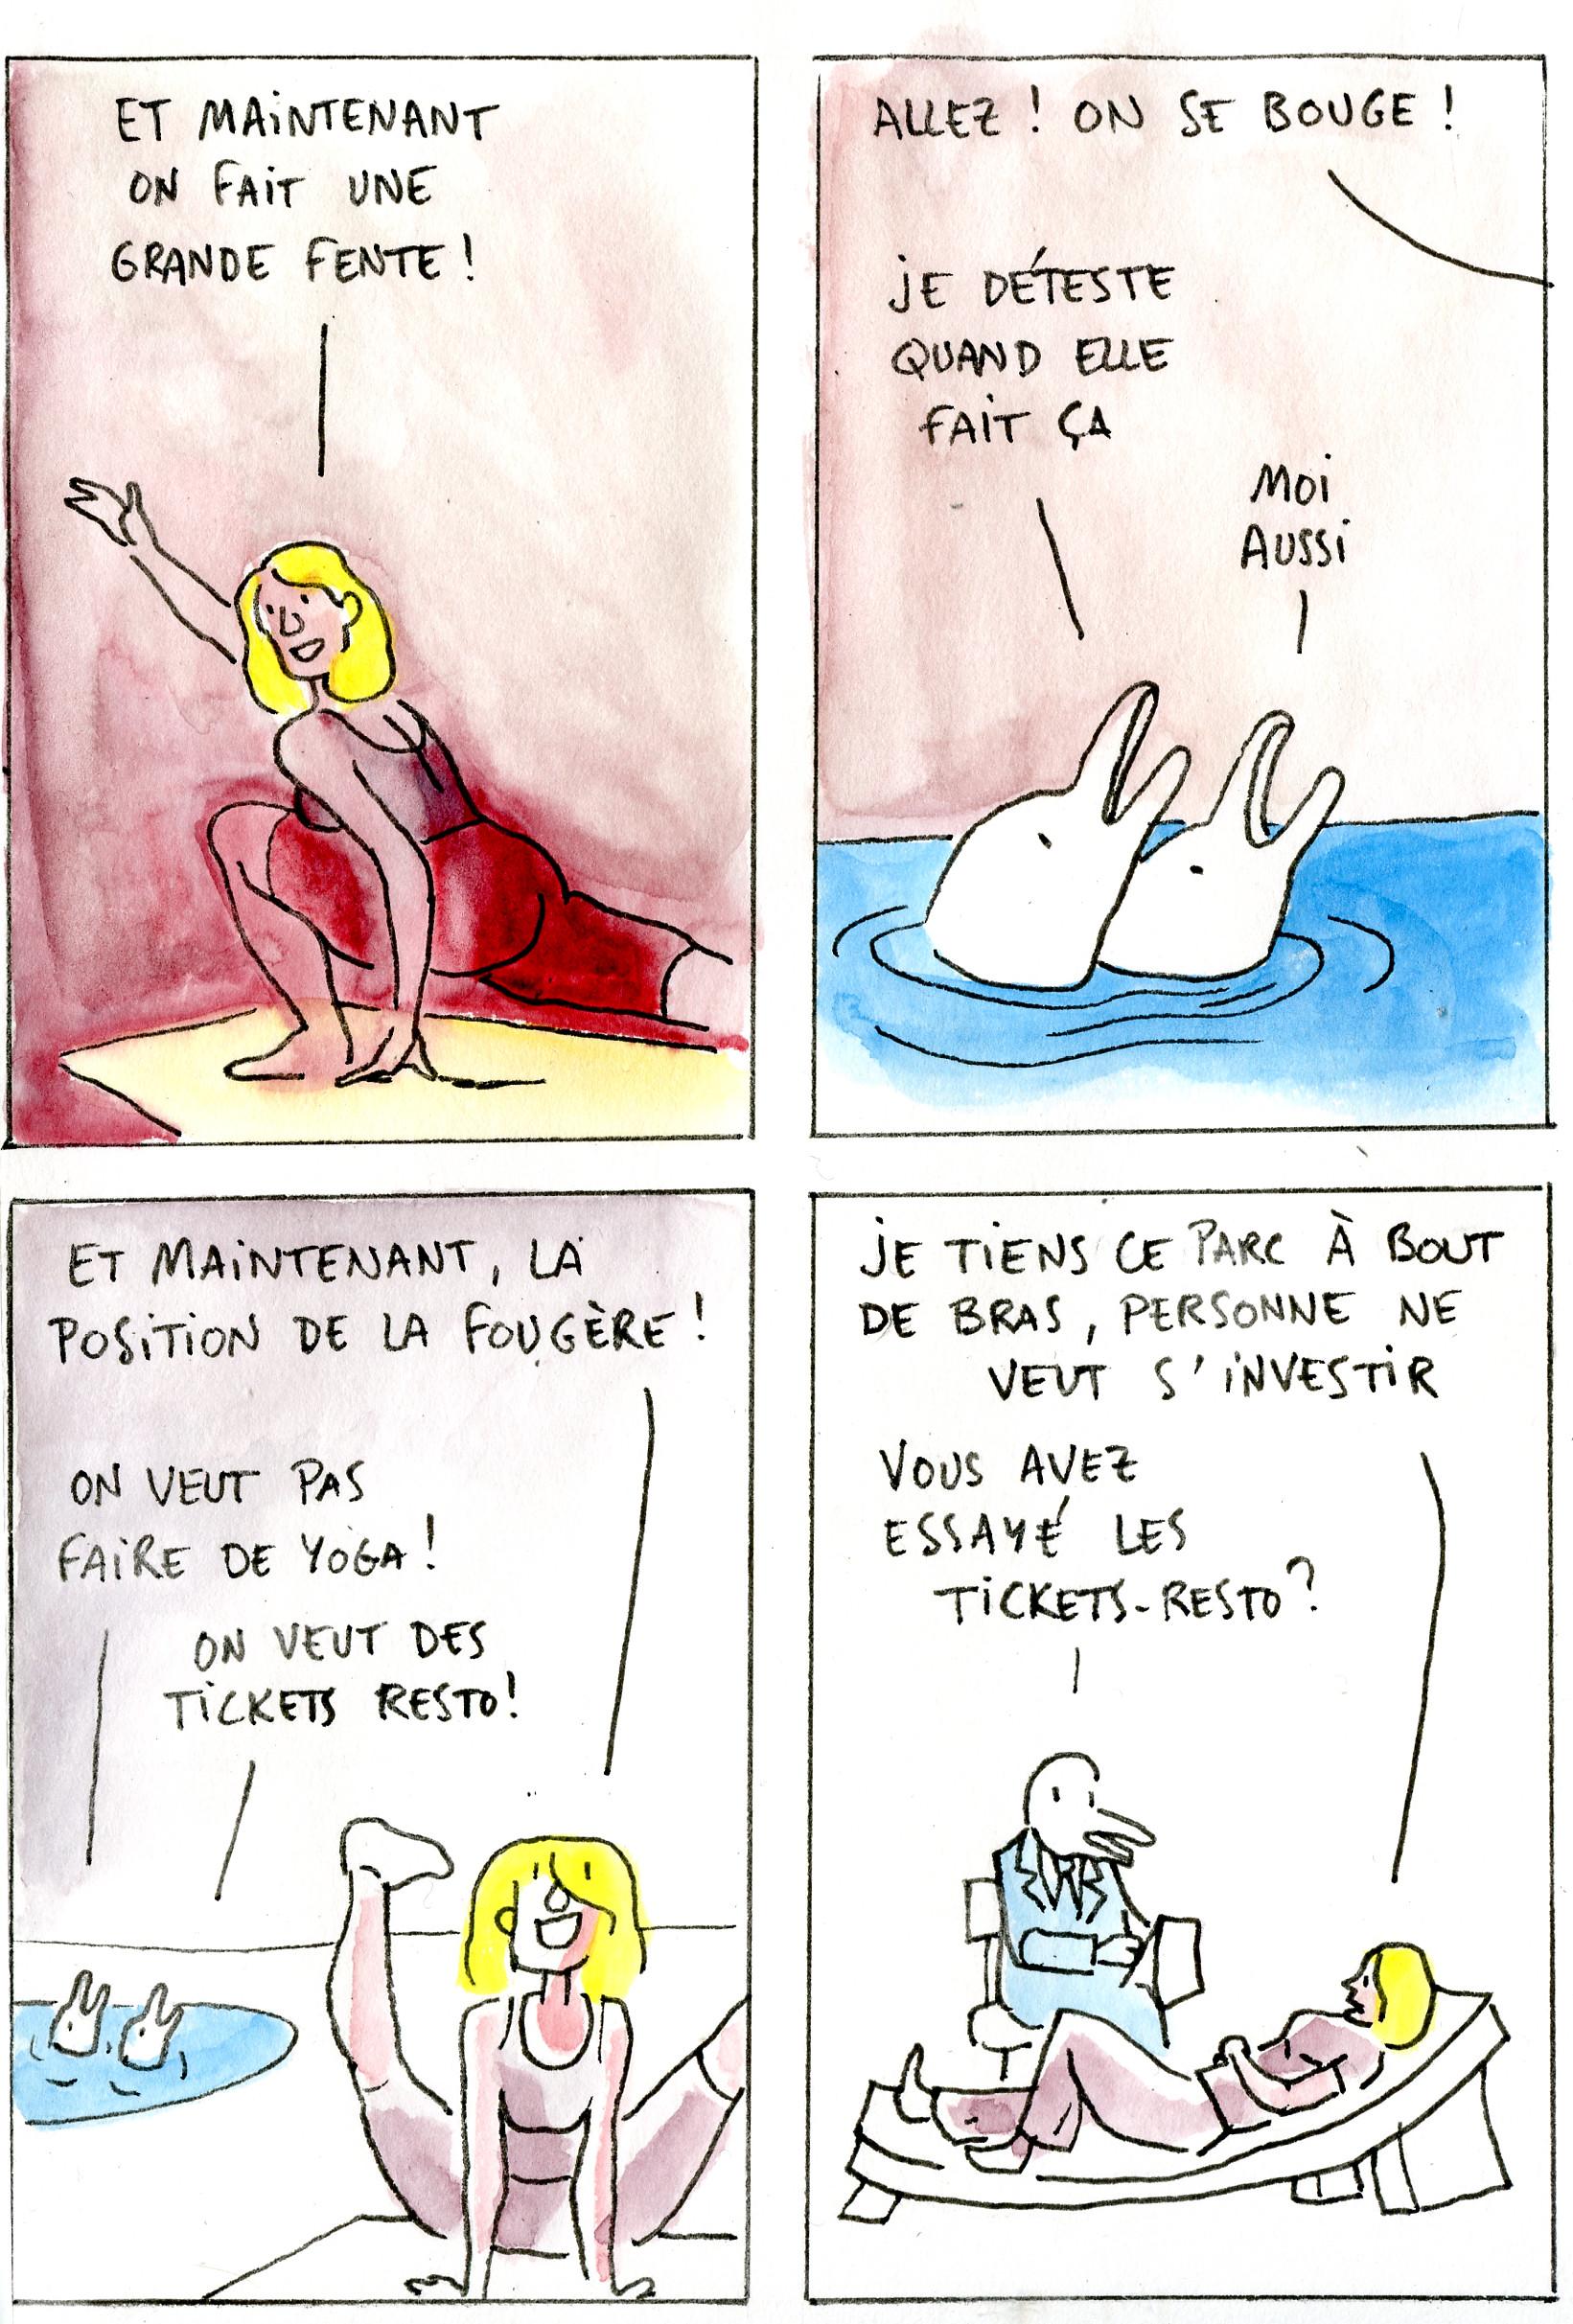 Contrariété #5 – la grande fente